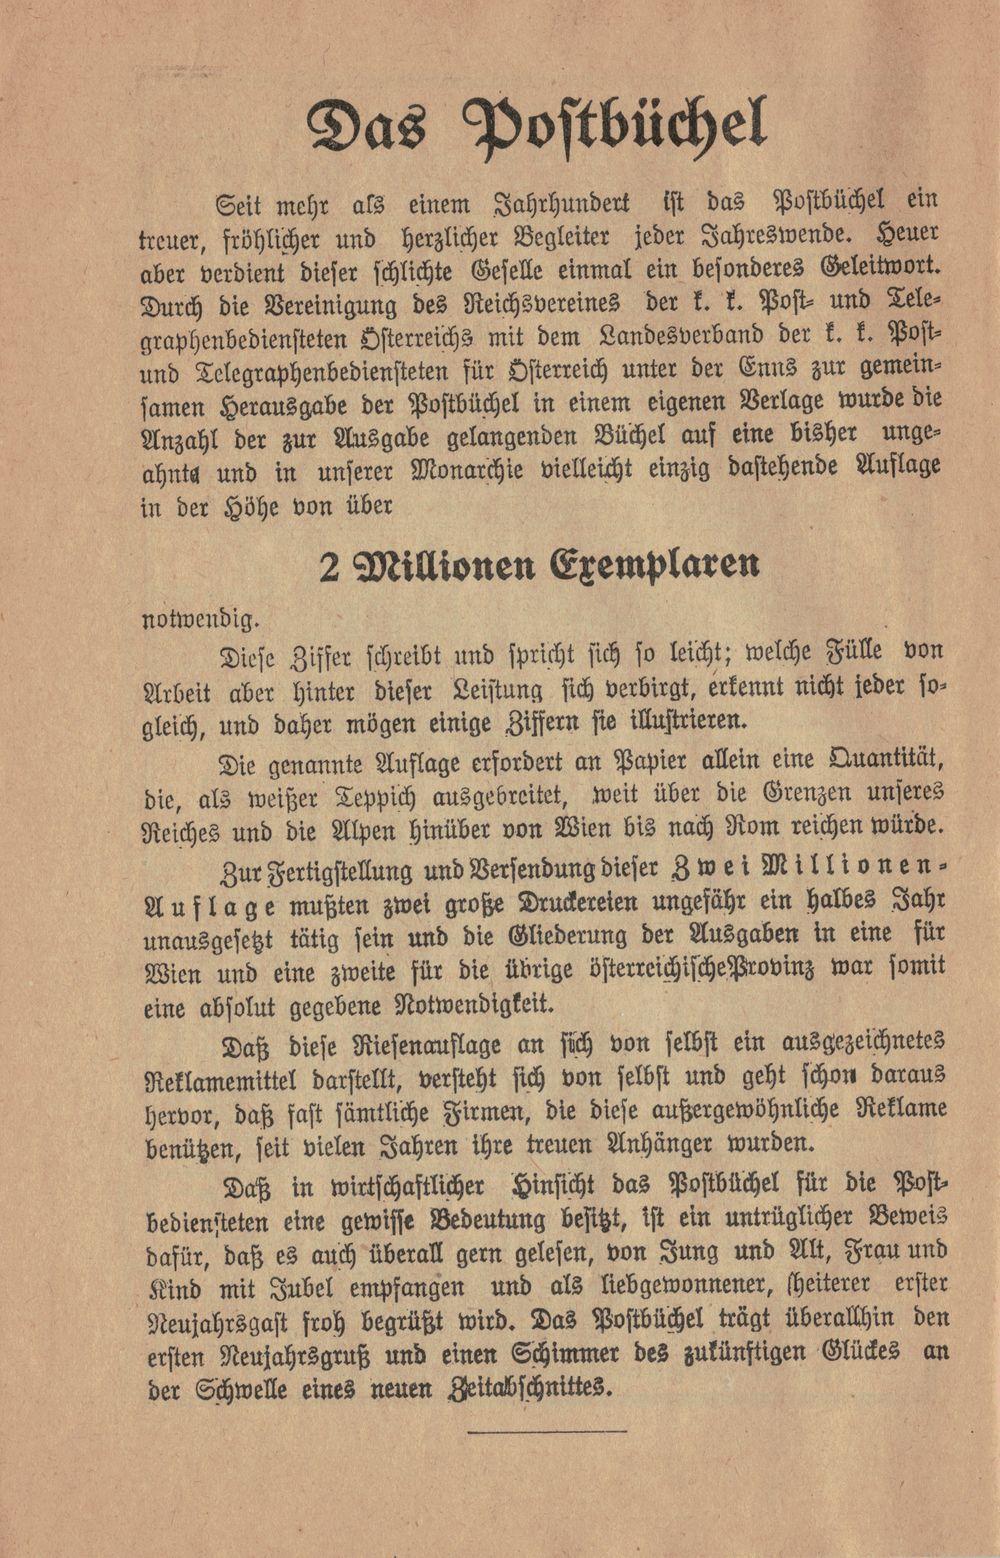 Postbüchl - Das kleine Postbuch 1914_a10